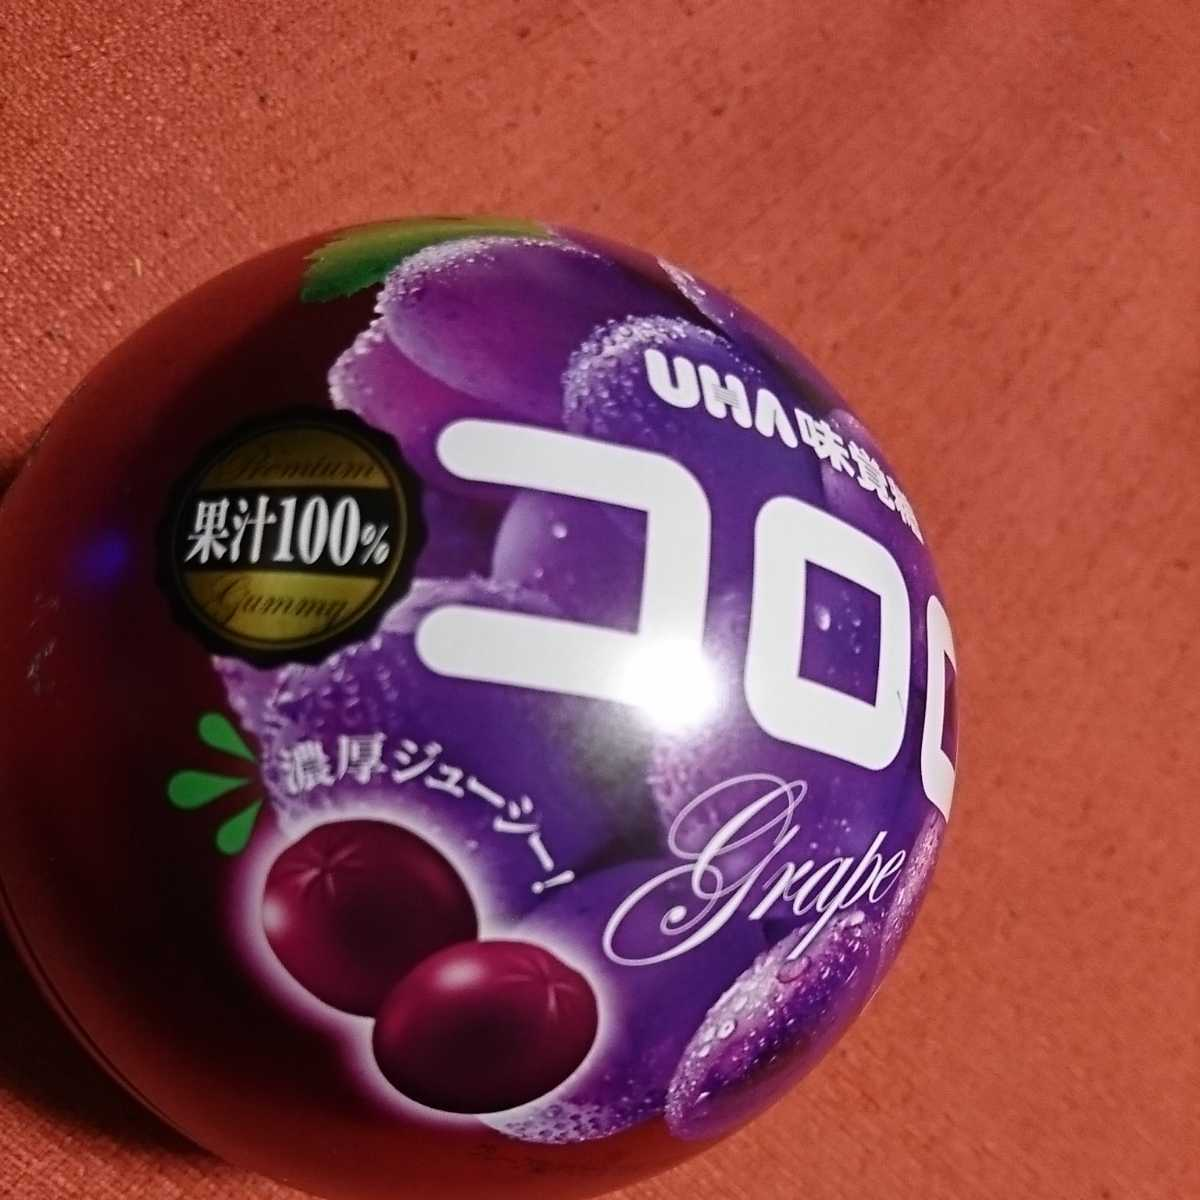 UHA 味覚糖 果汁100% コロロ★入れ物★サイズ:直径 10cm★送料、最安価で対応します!_画像9